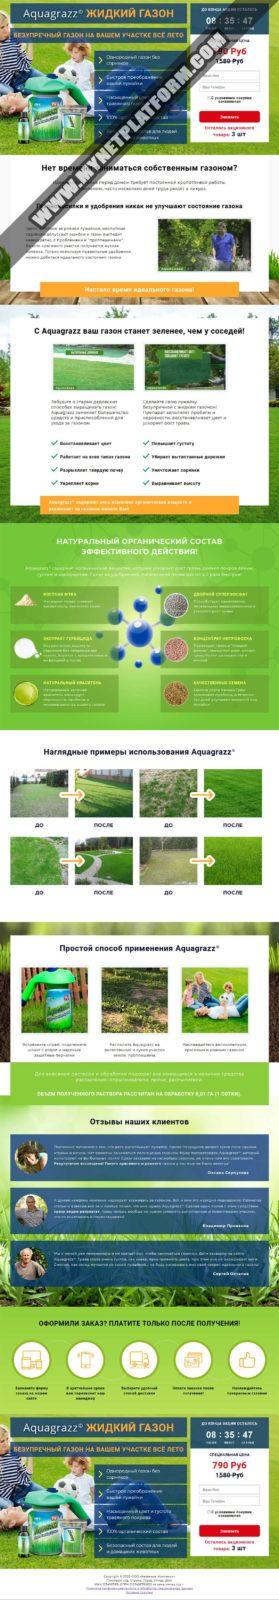 Скриншот Готового лендинга Aquagrazz - жидкий газон 002